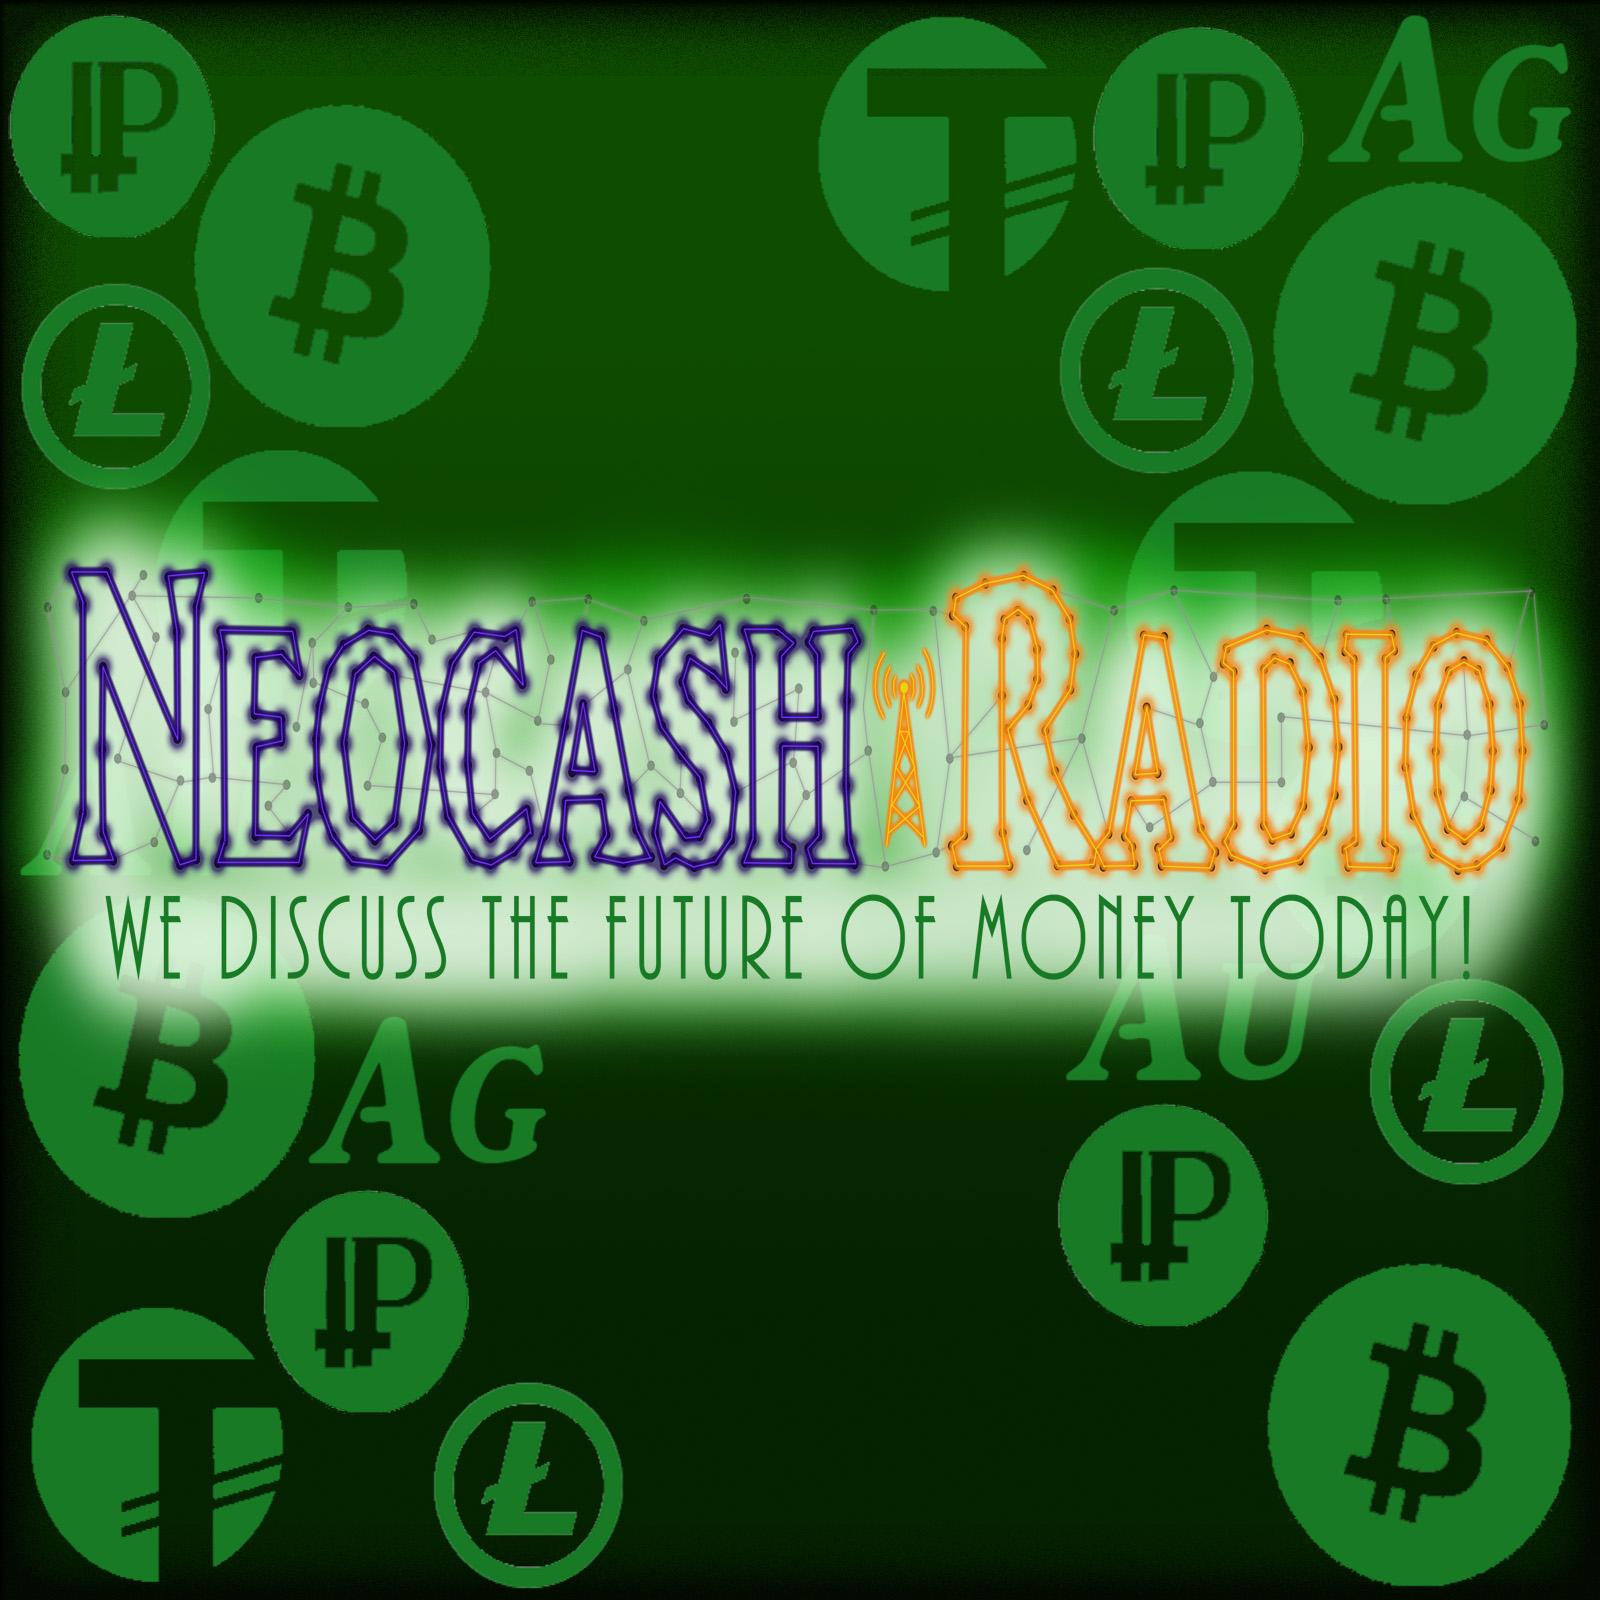 Neocash Radio - Episode 149